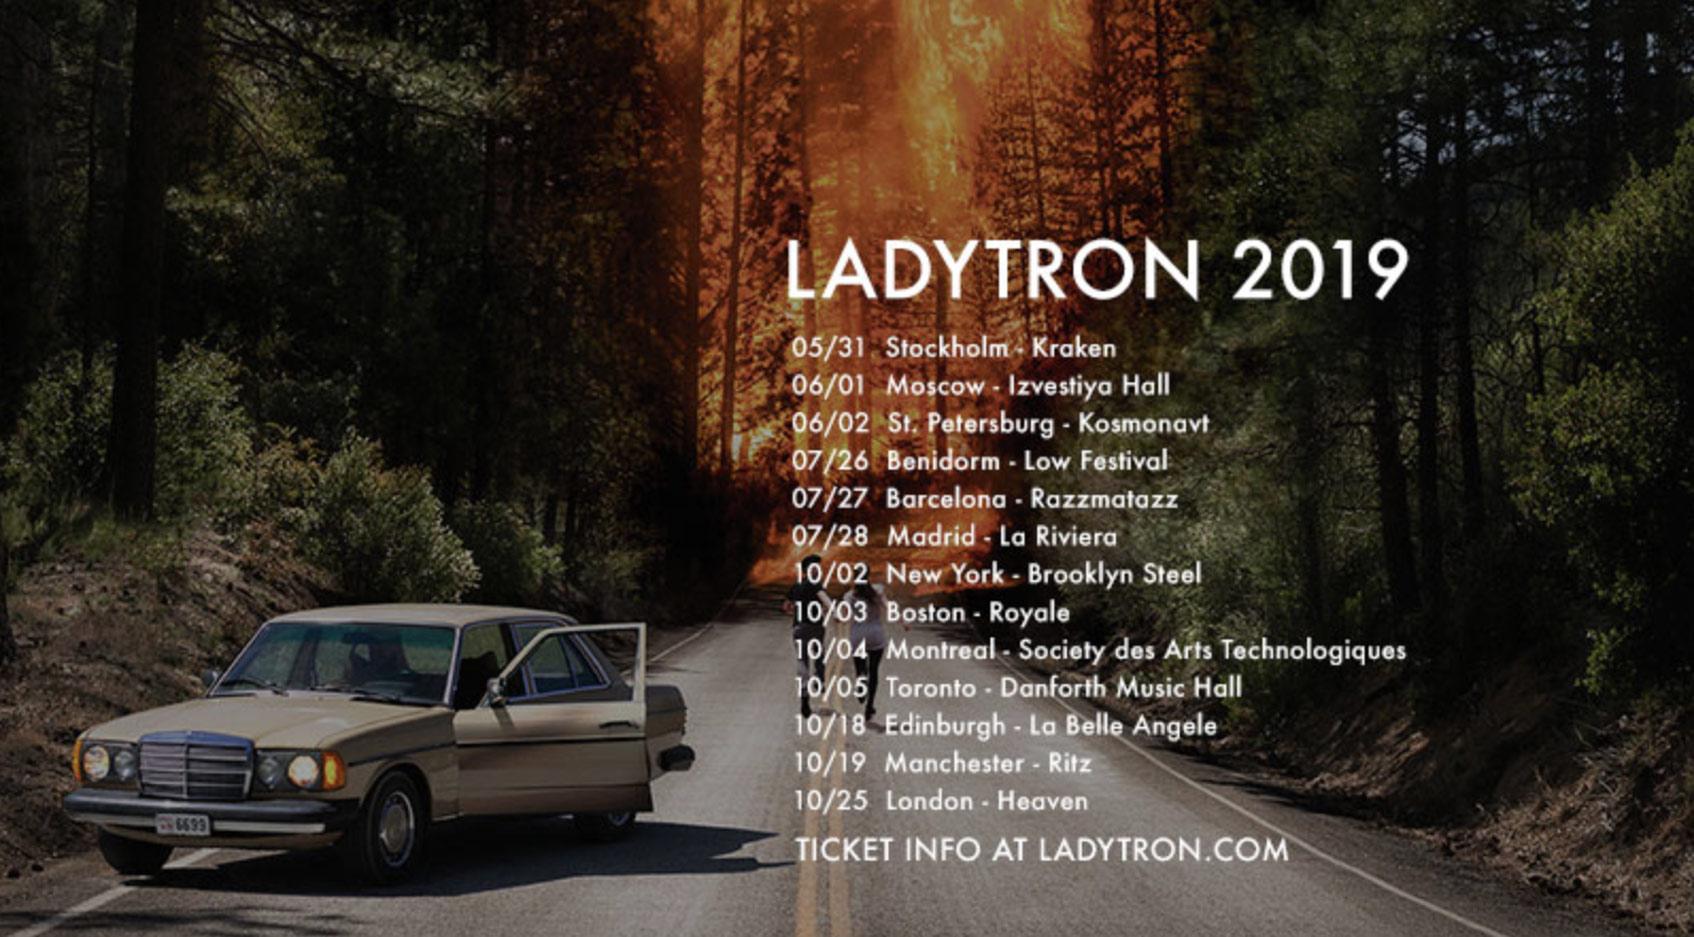 расписание концертов Ladytron тур 2019